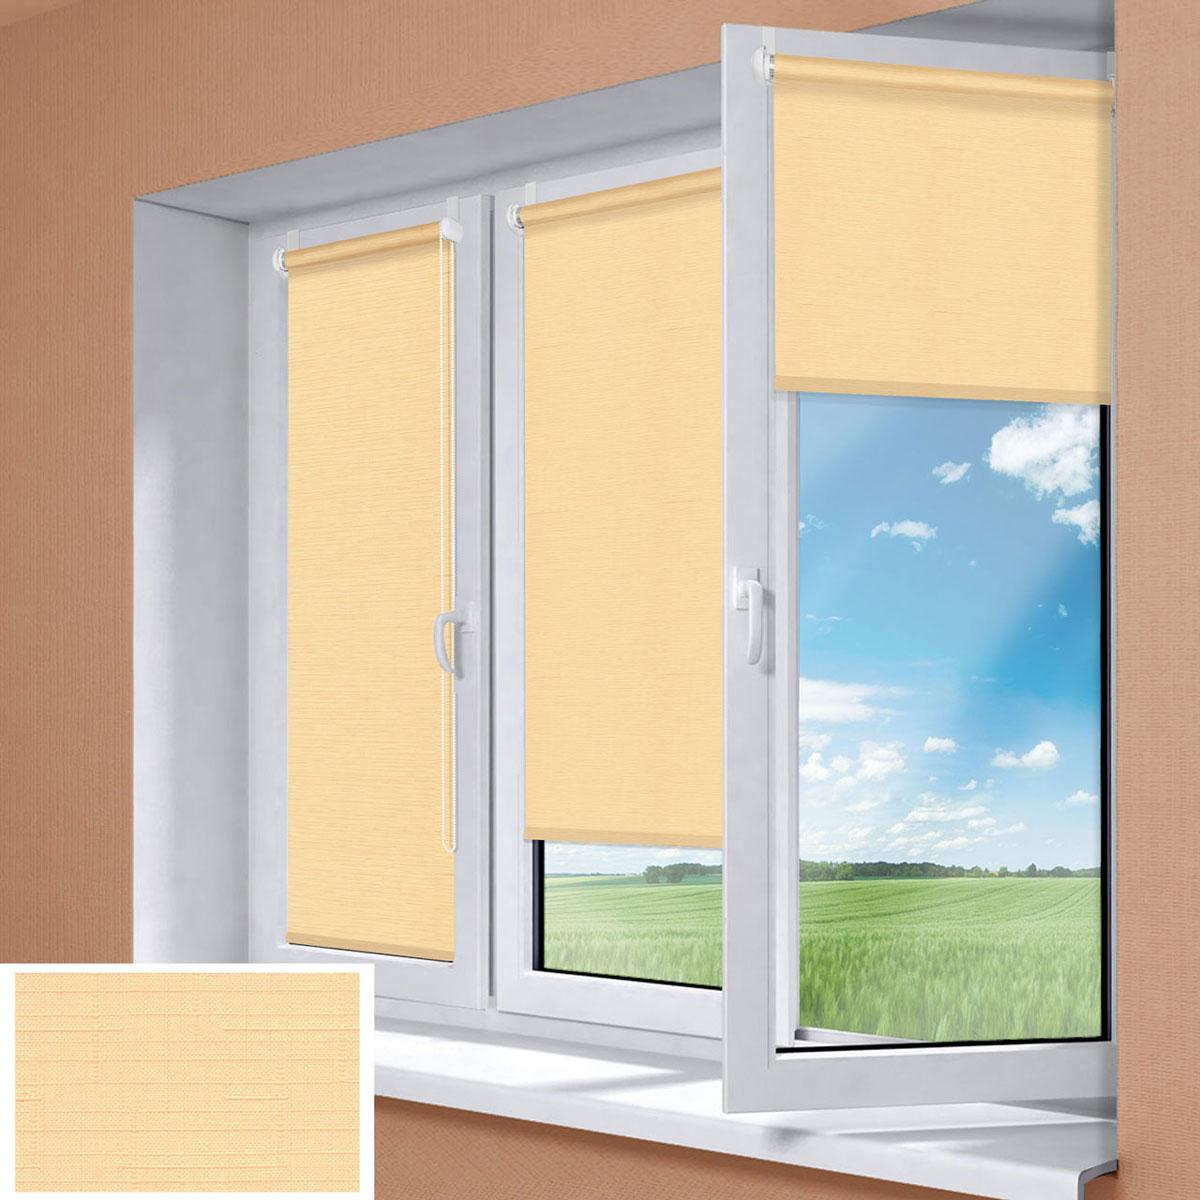 Миниролло KauffOrt 98x170 см, цвет: светлый абрикос3098112Рулонная штора Миниролло выполнена из высокопрочной ткани, которая сохраняет свой размер даже при намокании. Ткань не выцветает и обладает отличной цветоустойчивостью. Миниролло - это подвид рулонных штор, который закрывает не весь оконный проем, а непосредственно само стекло. Такие шторы крепятся на раму без сверления при помощи зажимов или клейкой двухсторонней ленты. Окно остается на гарантии, благодаря монтажу без сверления. Такая штора станет прекрасным элементом декора окна и гармонично впишется в интерьер любого помещения.